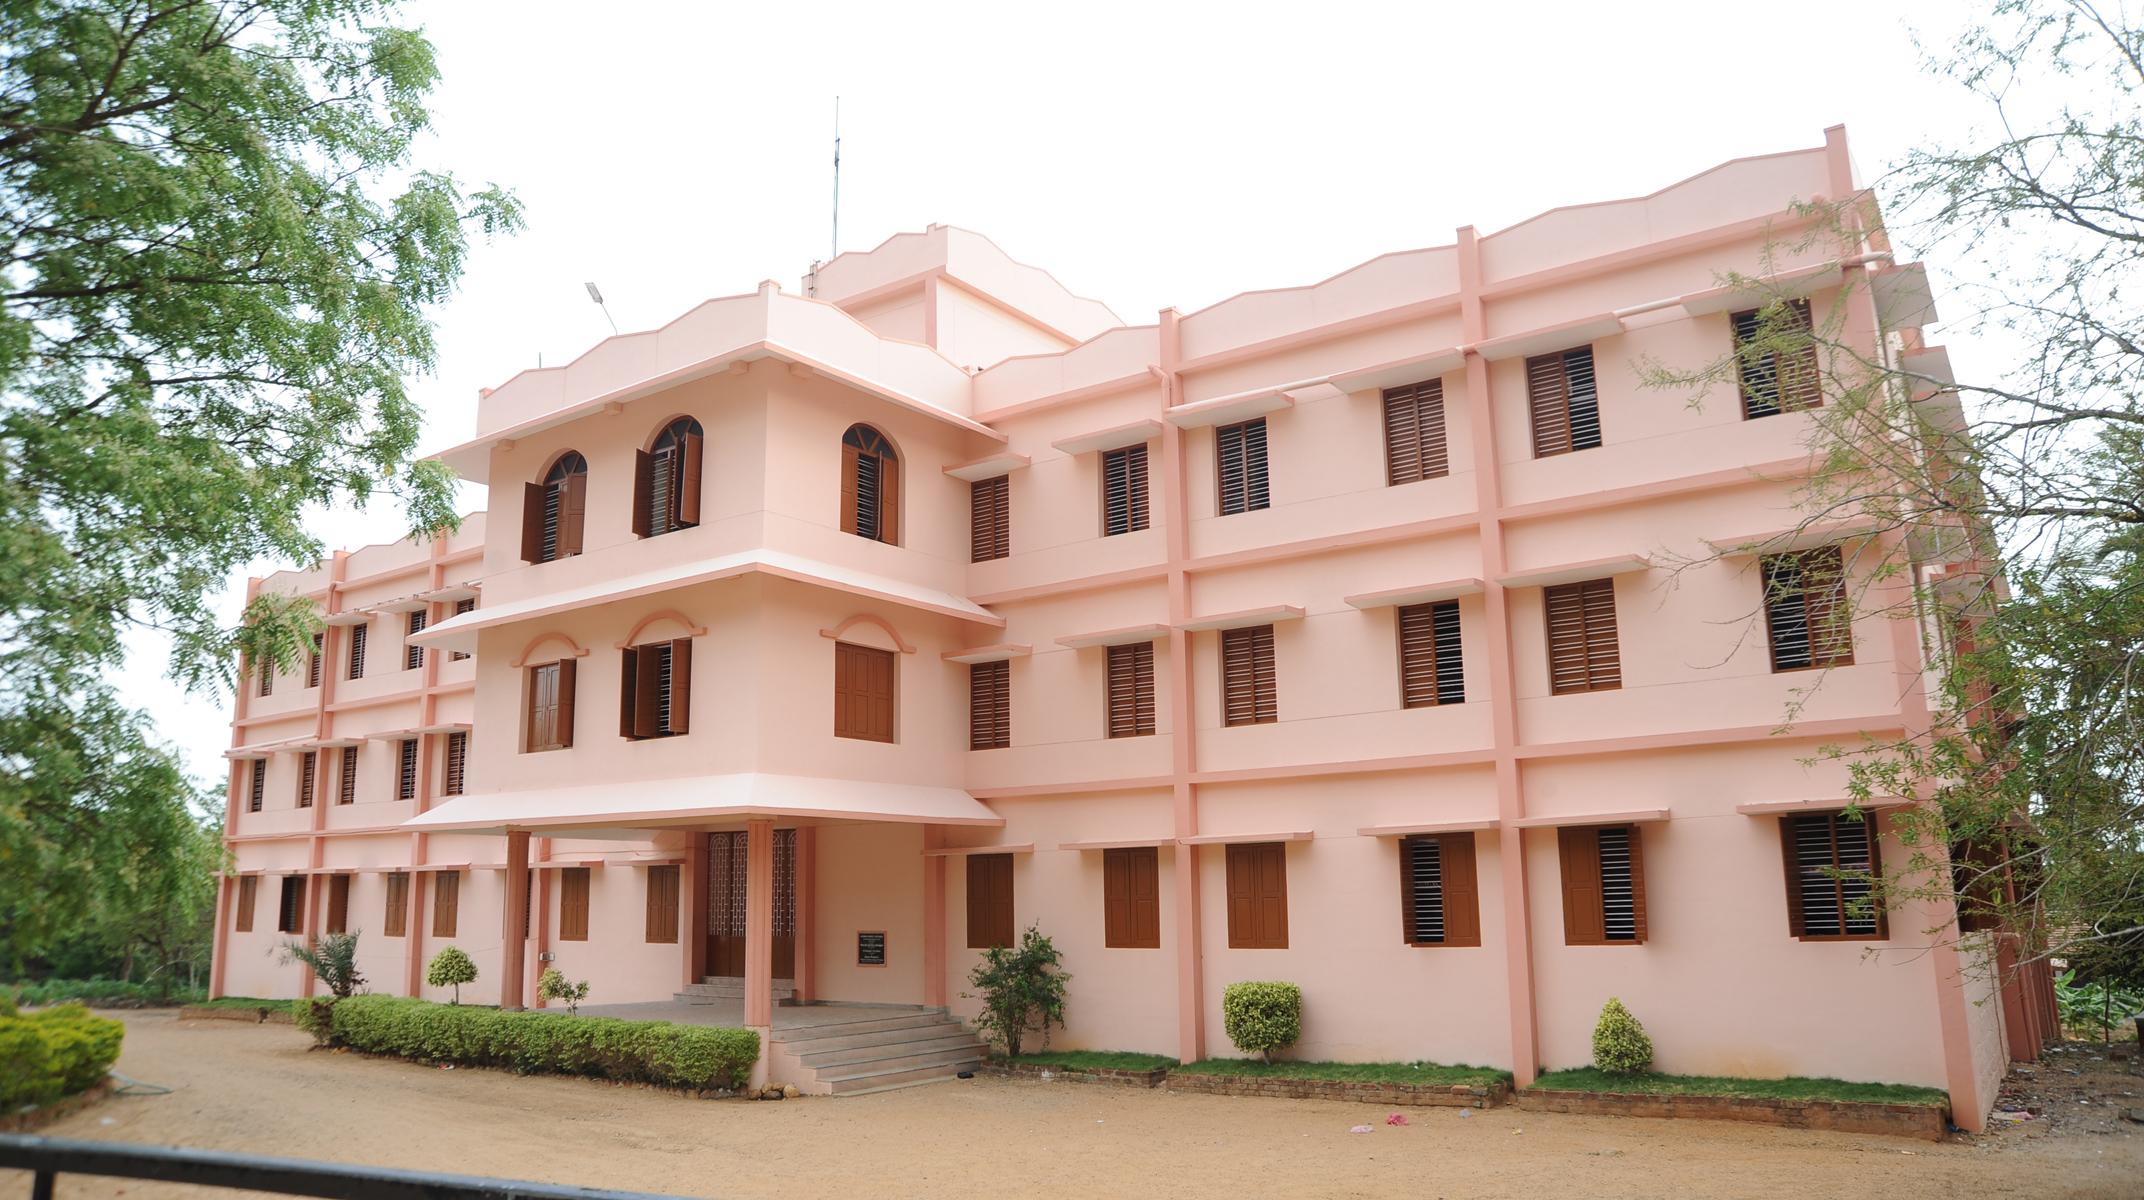 St. Xavier's Catholic College of Nursing, Kanyakumari Image